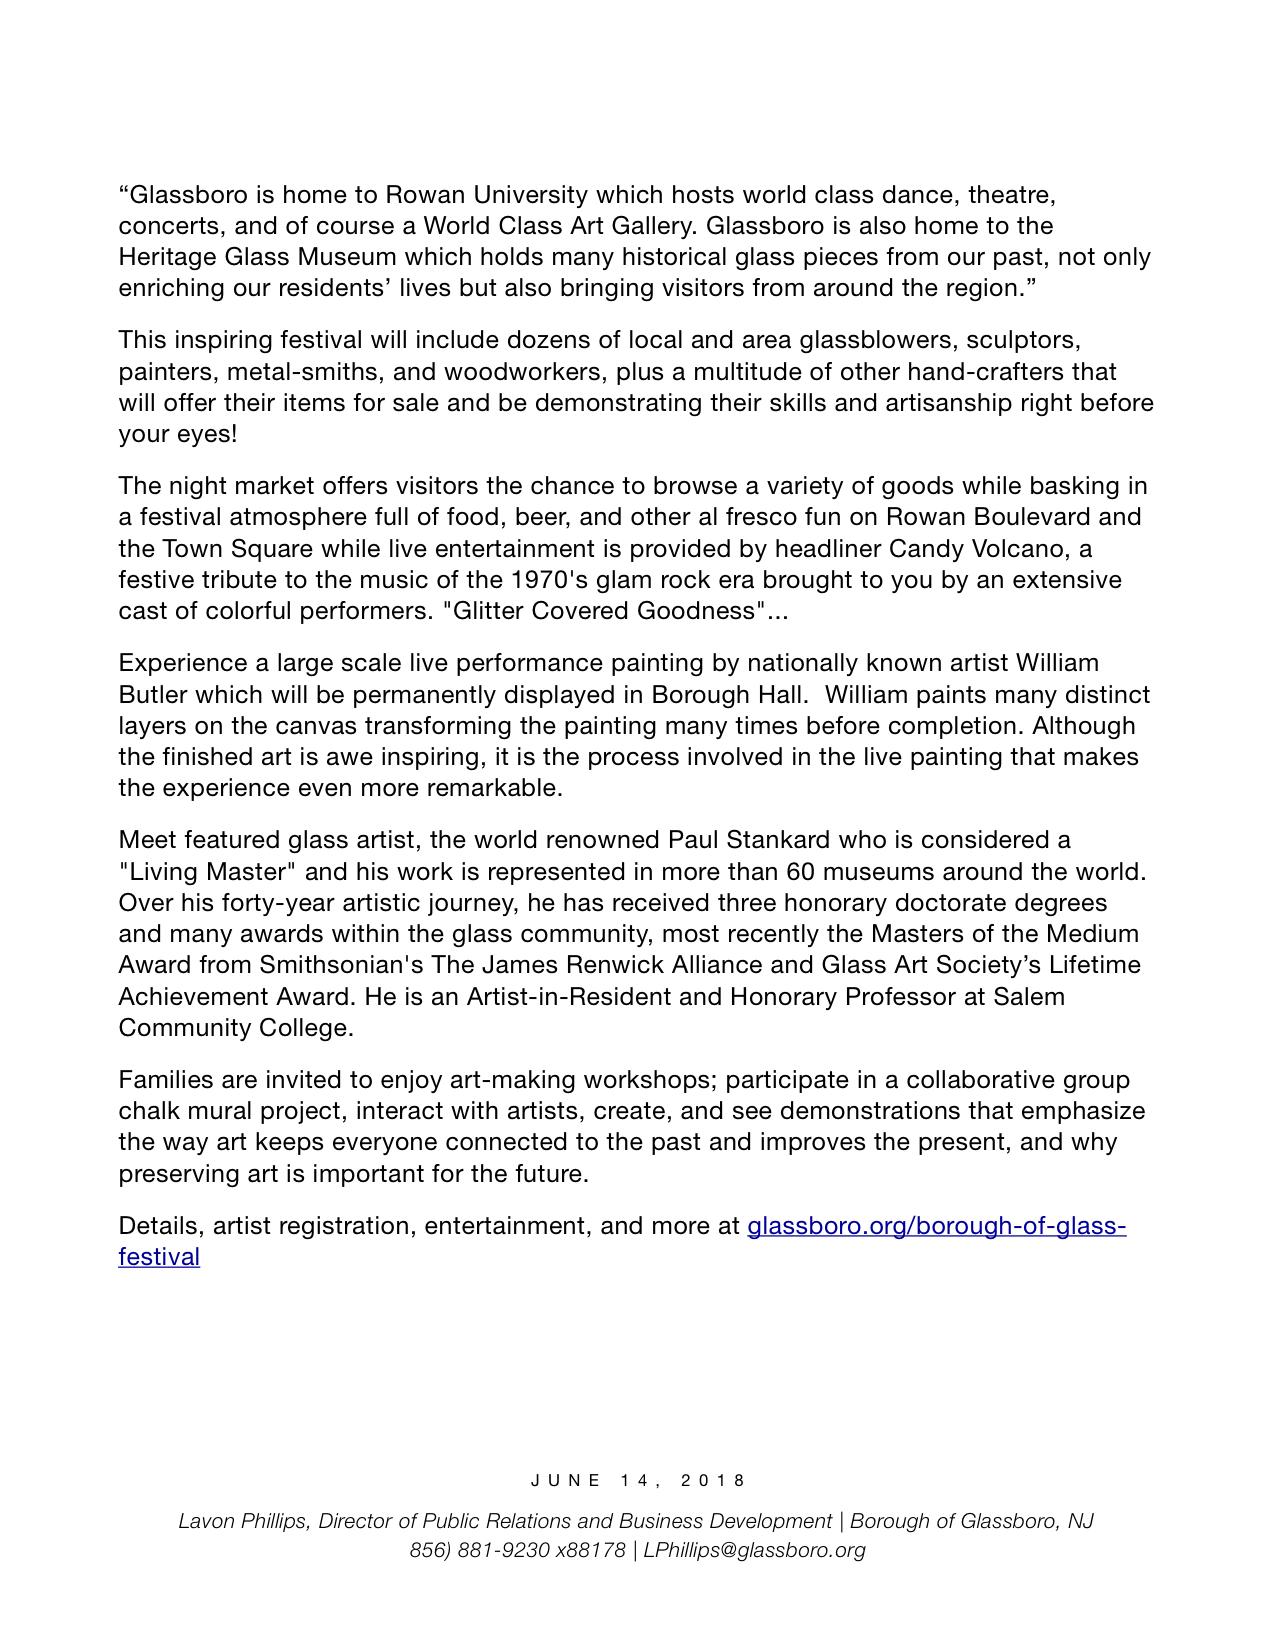 Glassboro NJ Press release Borough of Glass Festival copy.jpeg